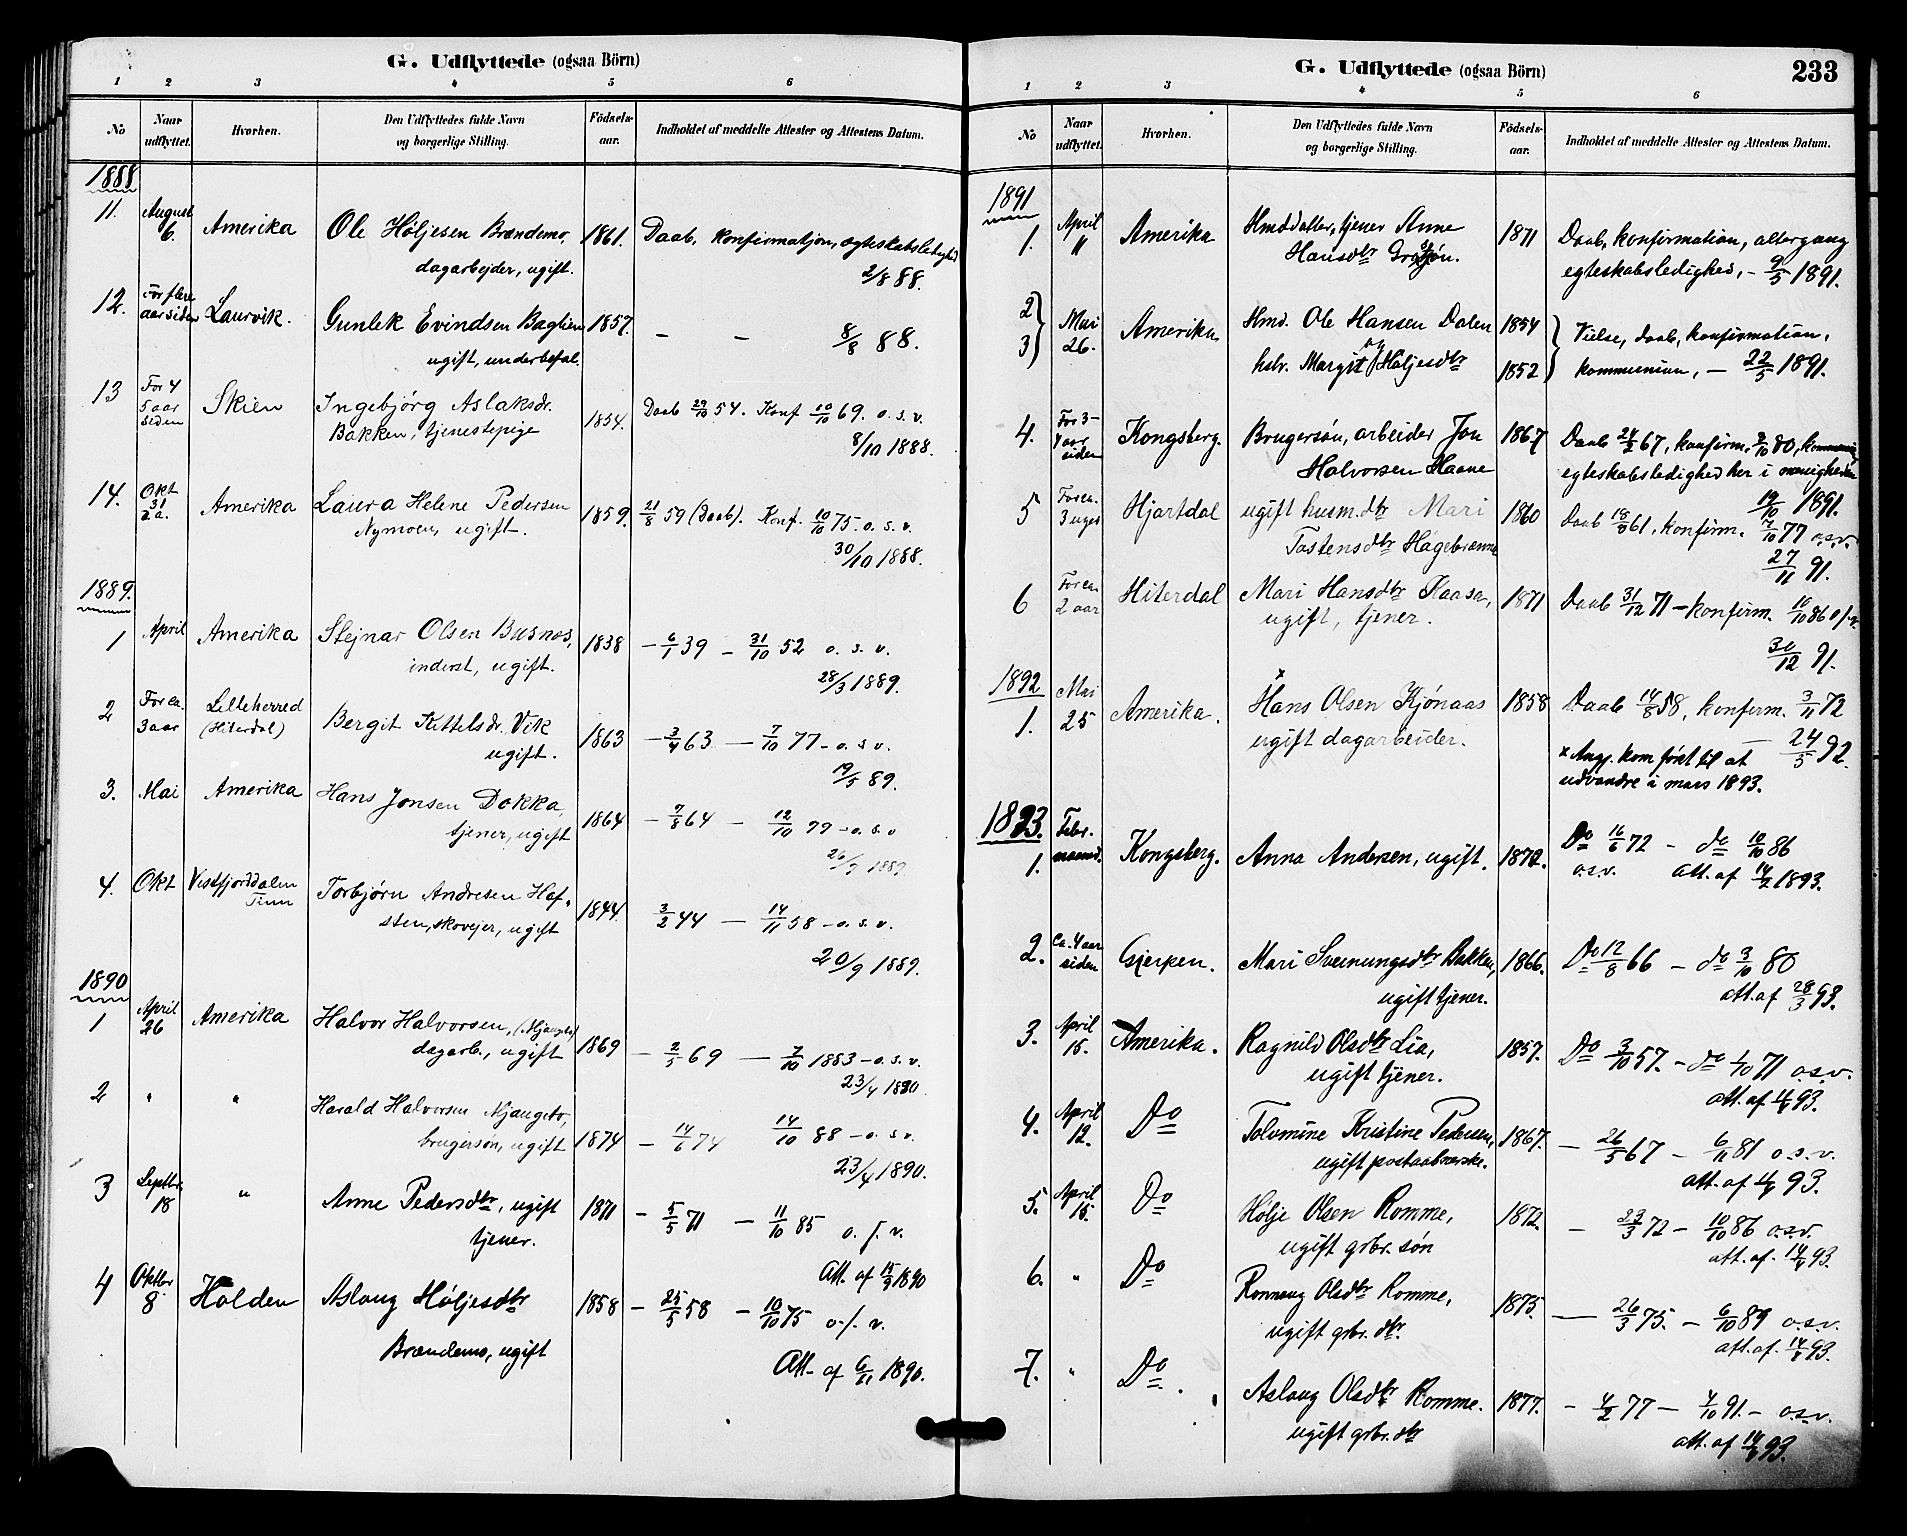 SAKO, Gransherad kirkebøker, G/Ga/L0003: Klokkerbok nr. I 3, 1887-1915, s. 233